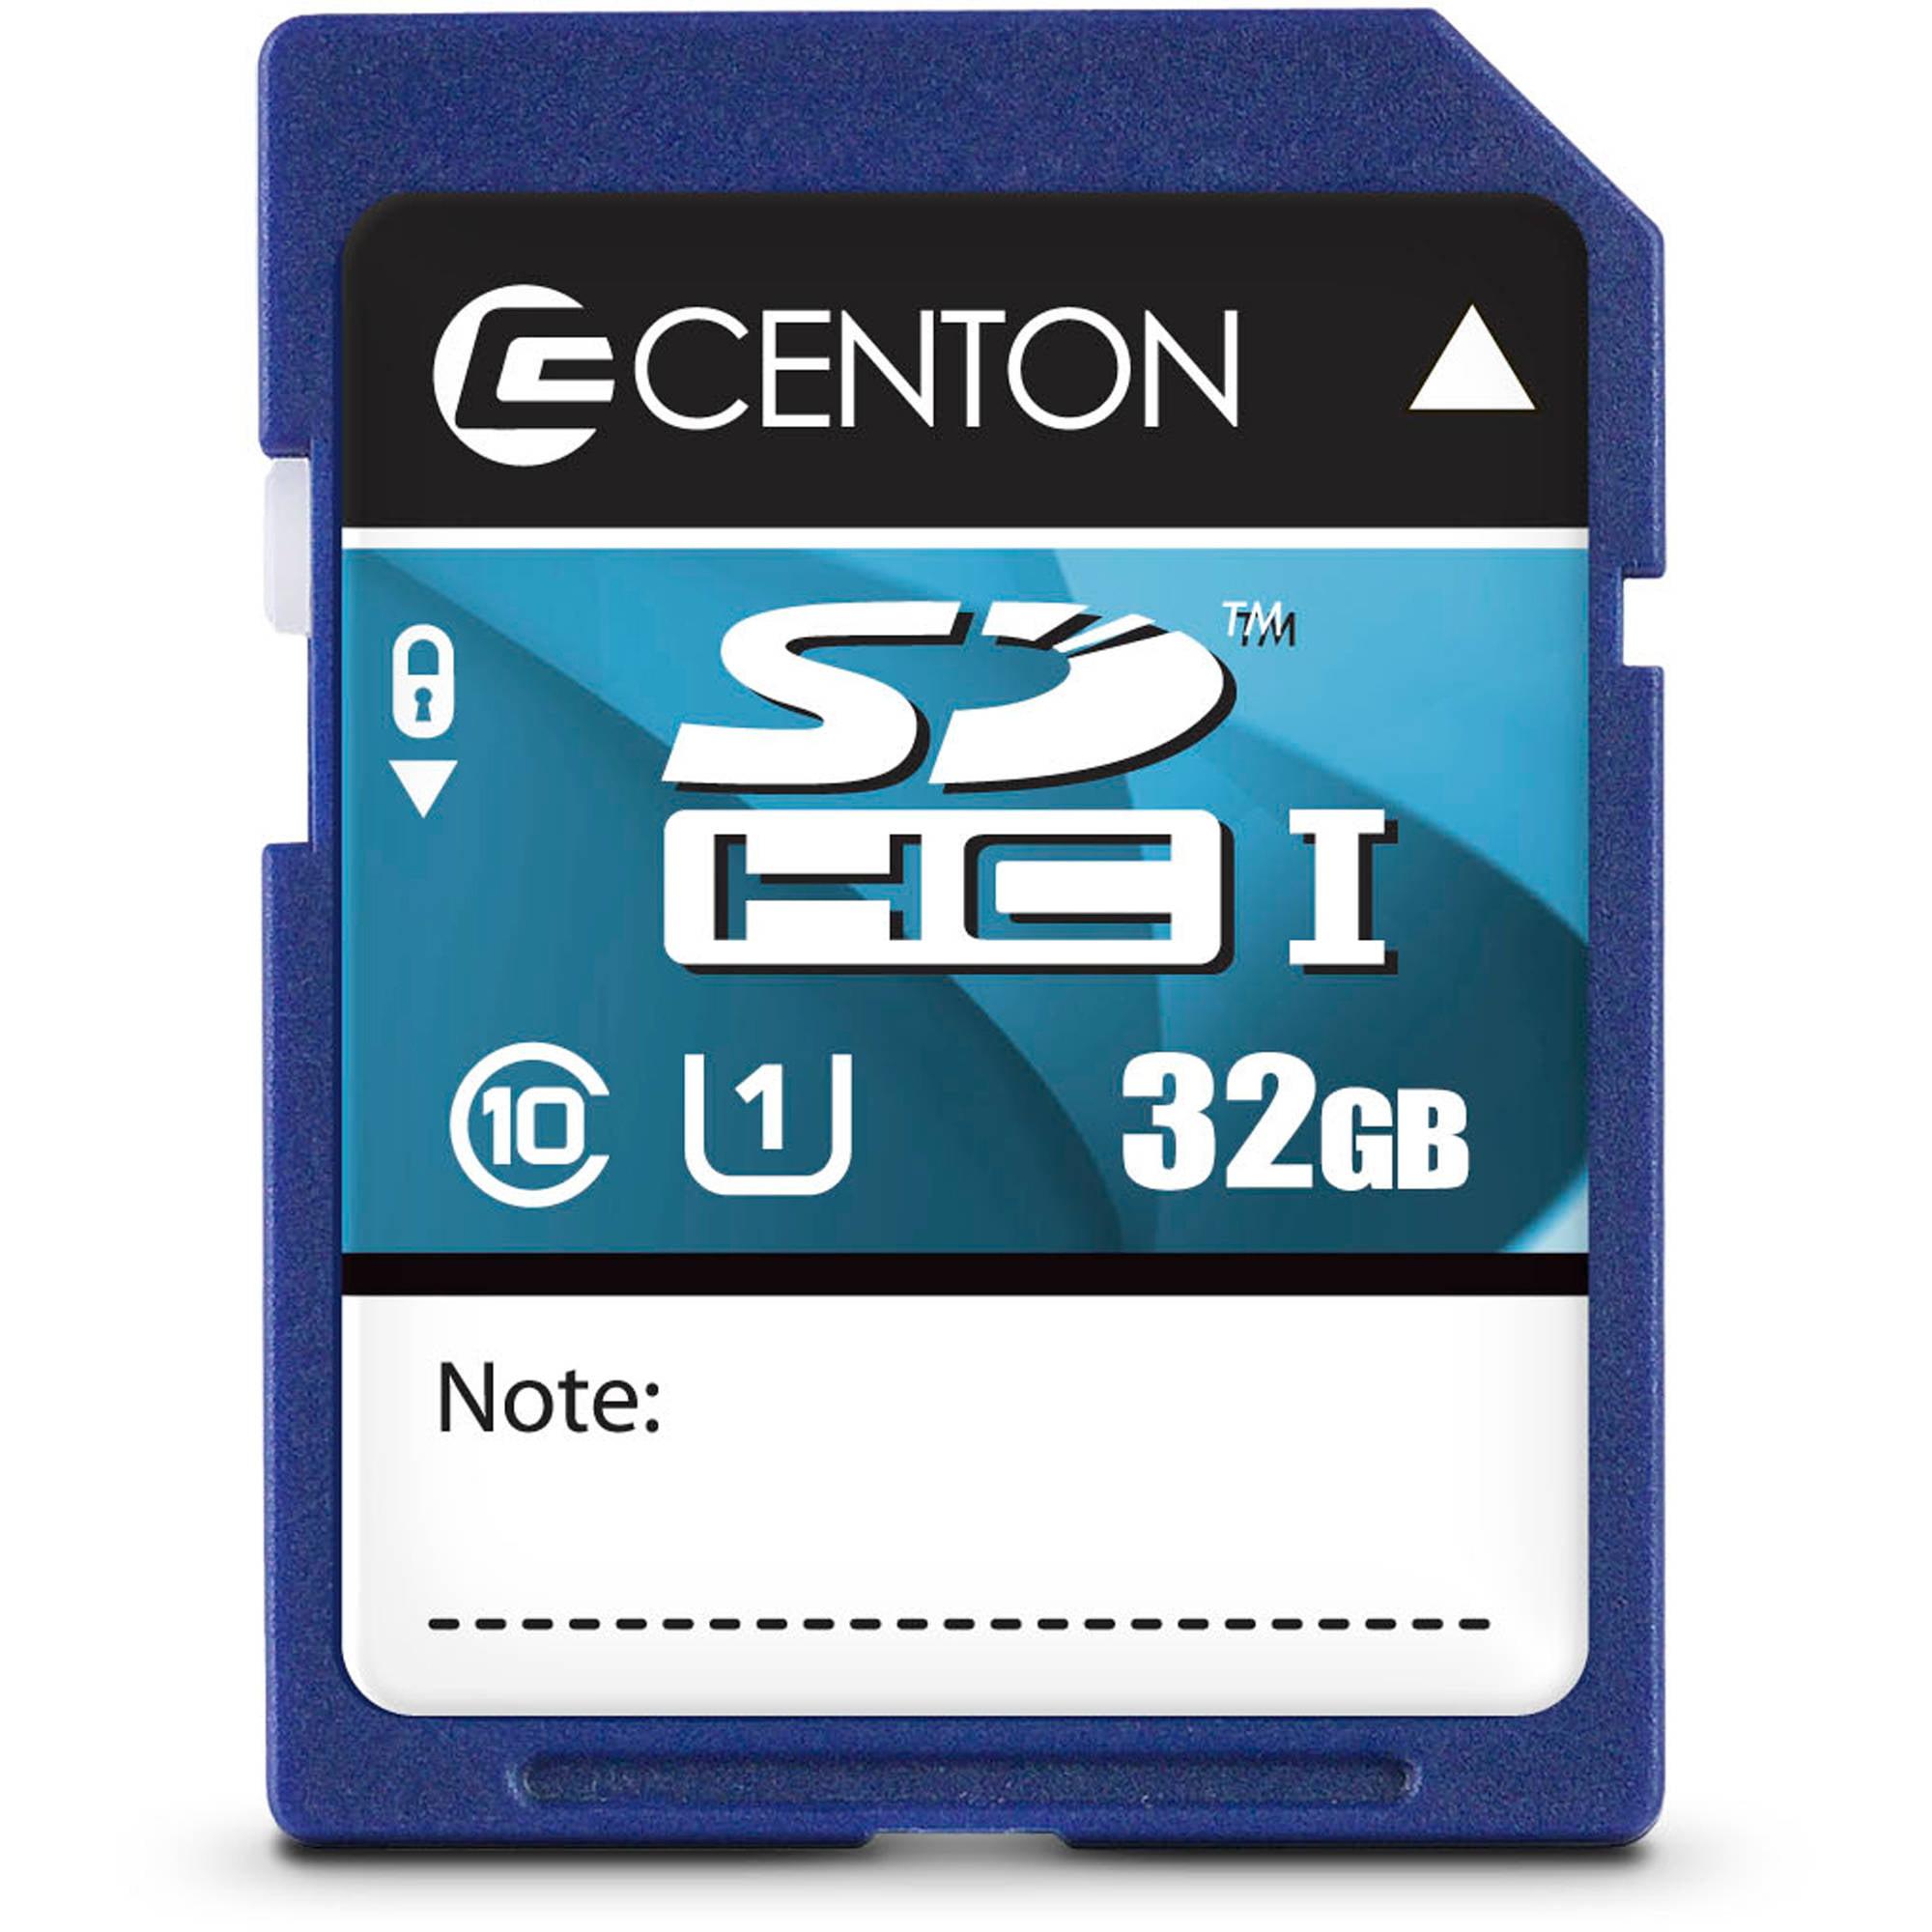 Centon 32GB SD Card